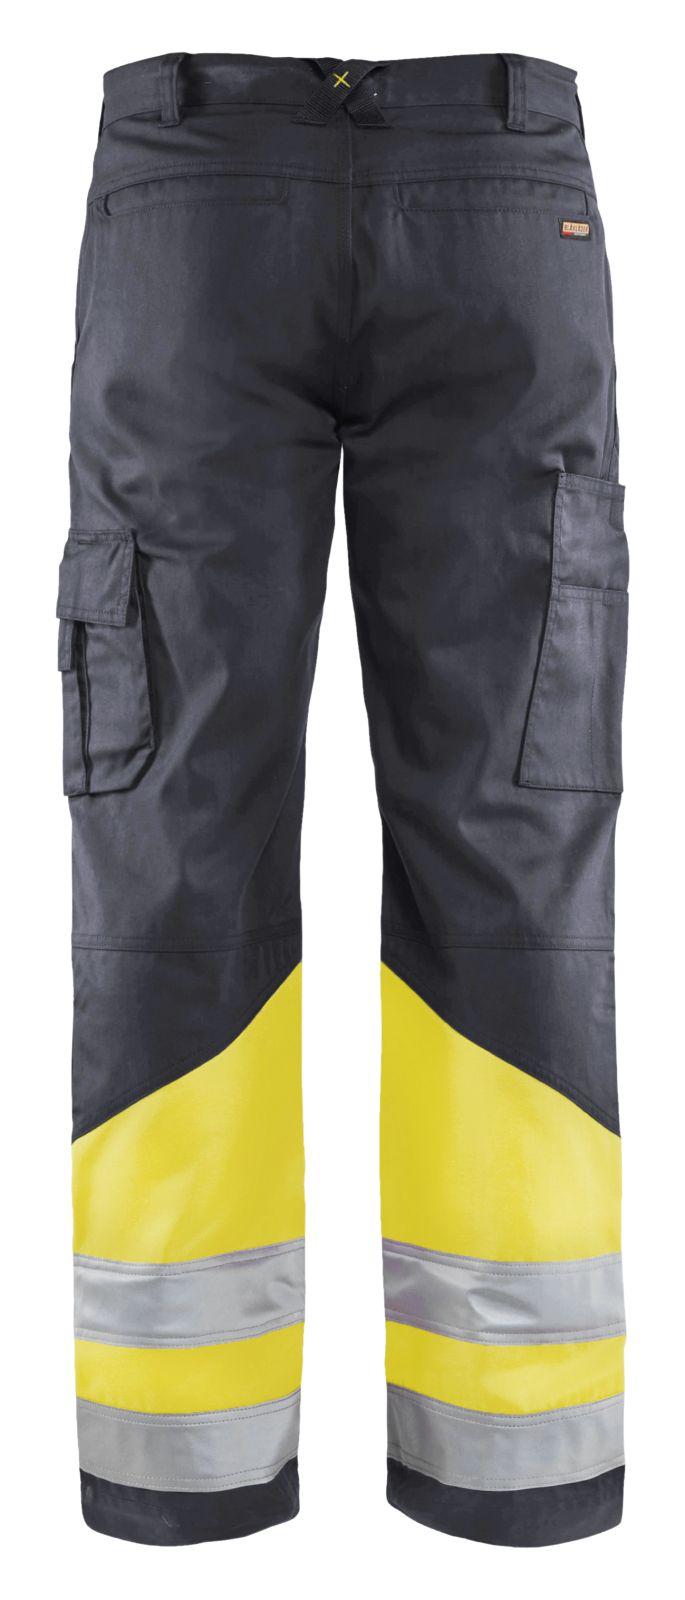 Blaklader Broeken 15641811 High Vis middelgrijs-fluo geel(9633)